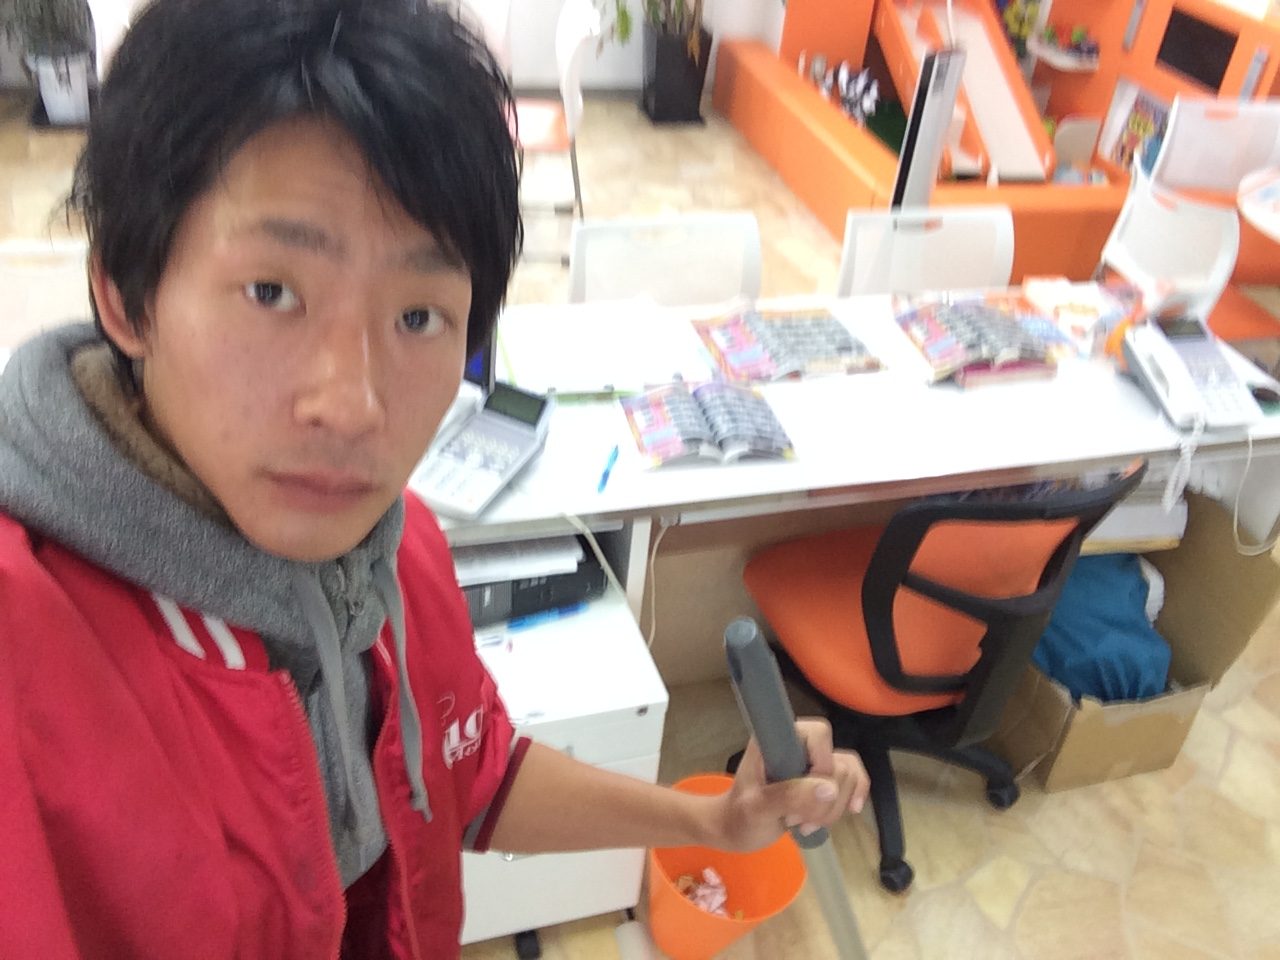 ノア・ヴォクシー・アイシス・タント・軽自動車・103円カー・店長クマブログ_b0127002_18533554.jpg